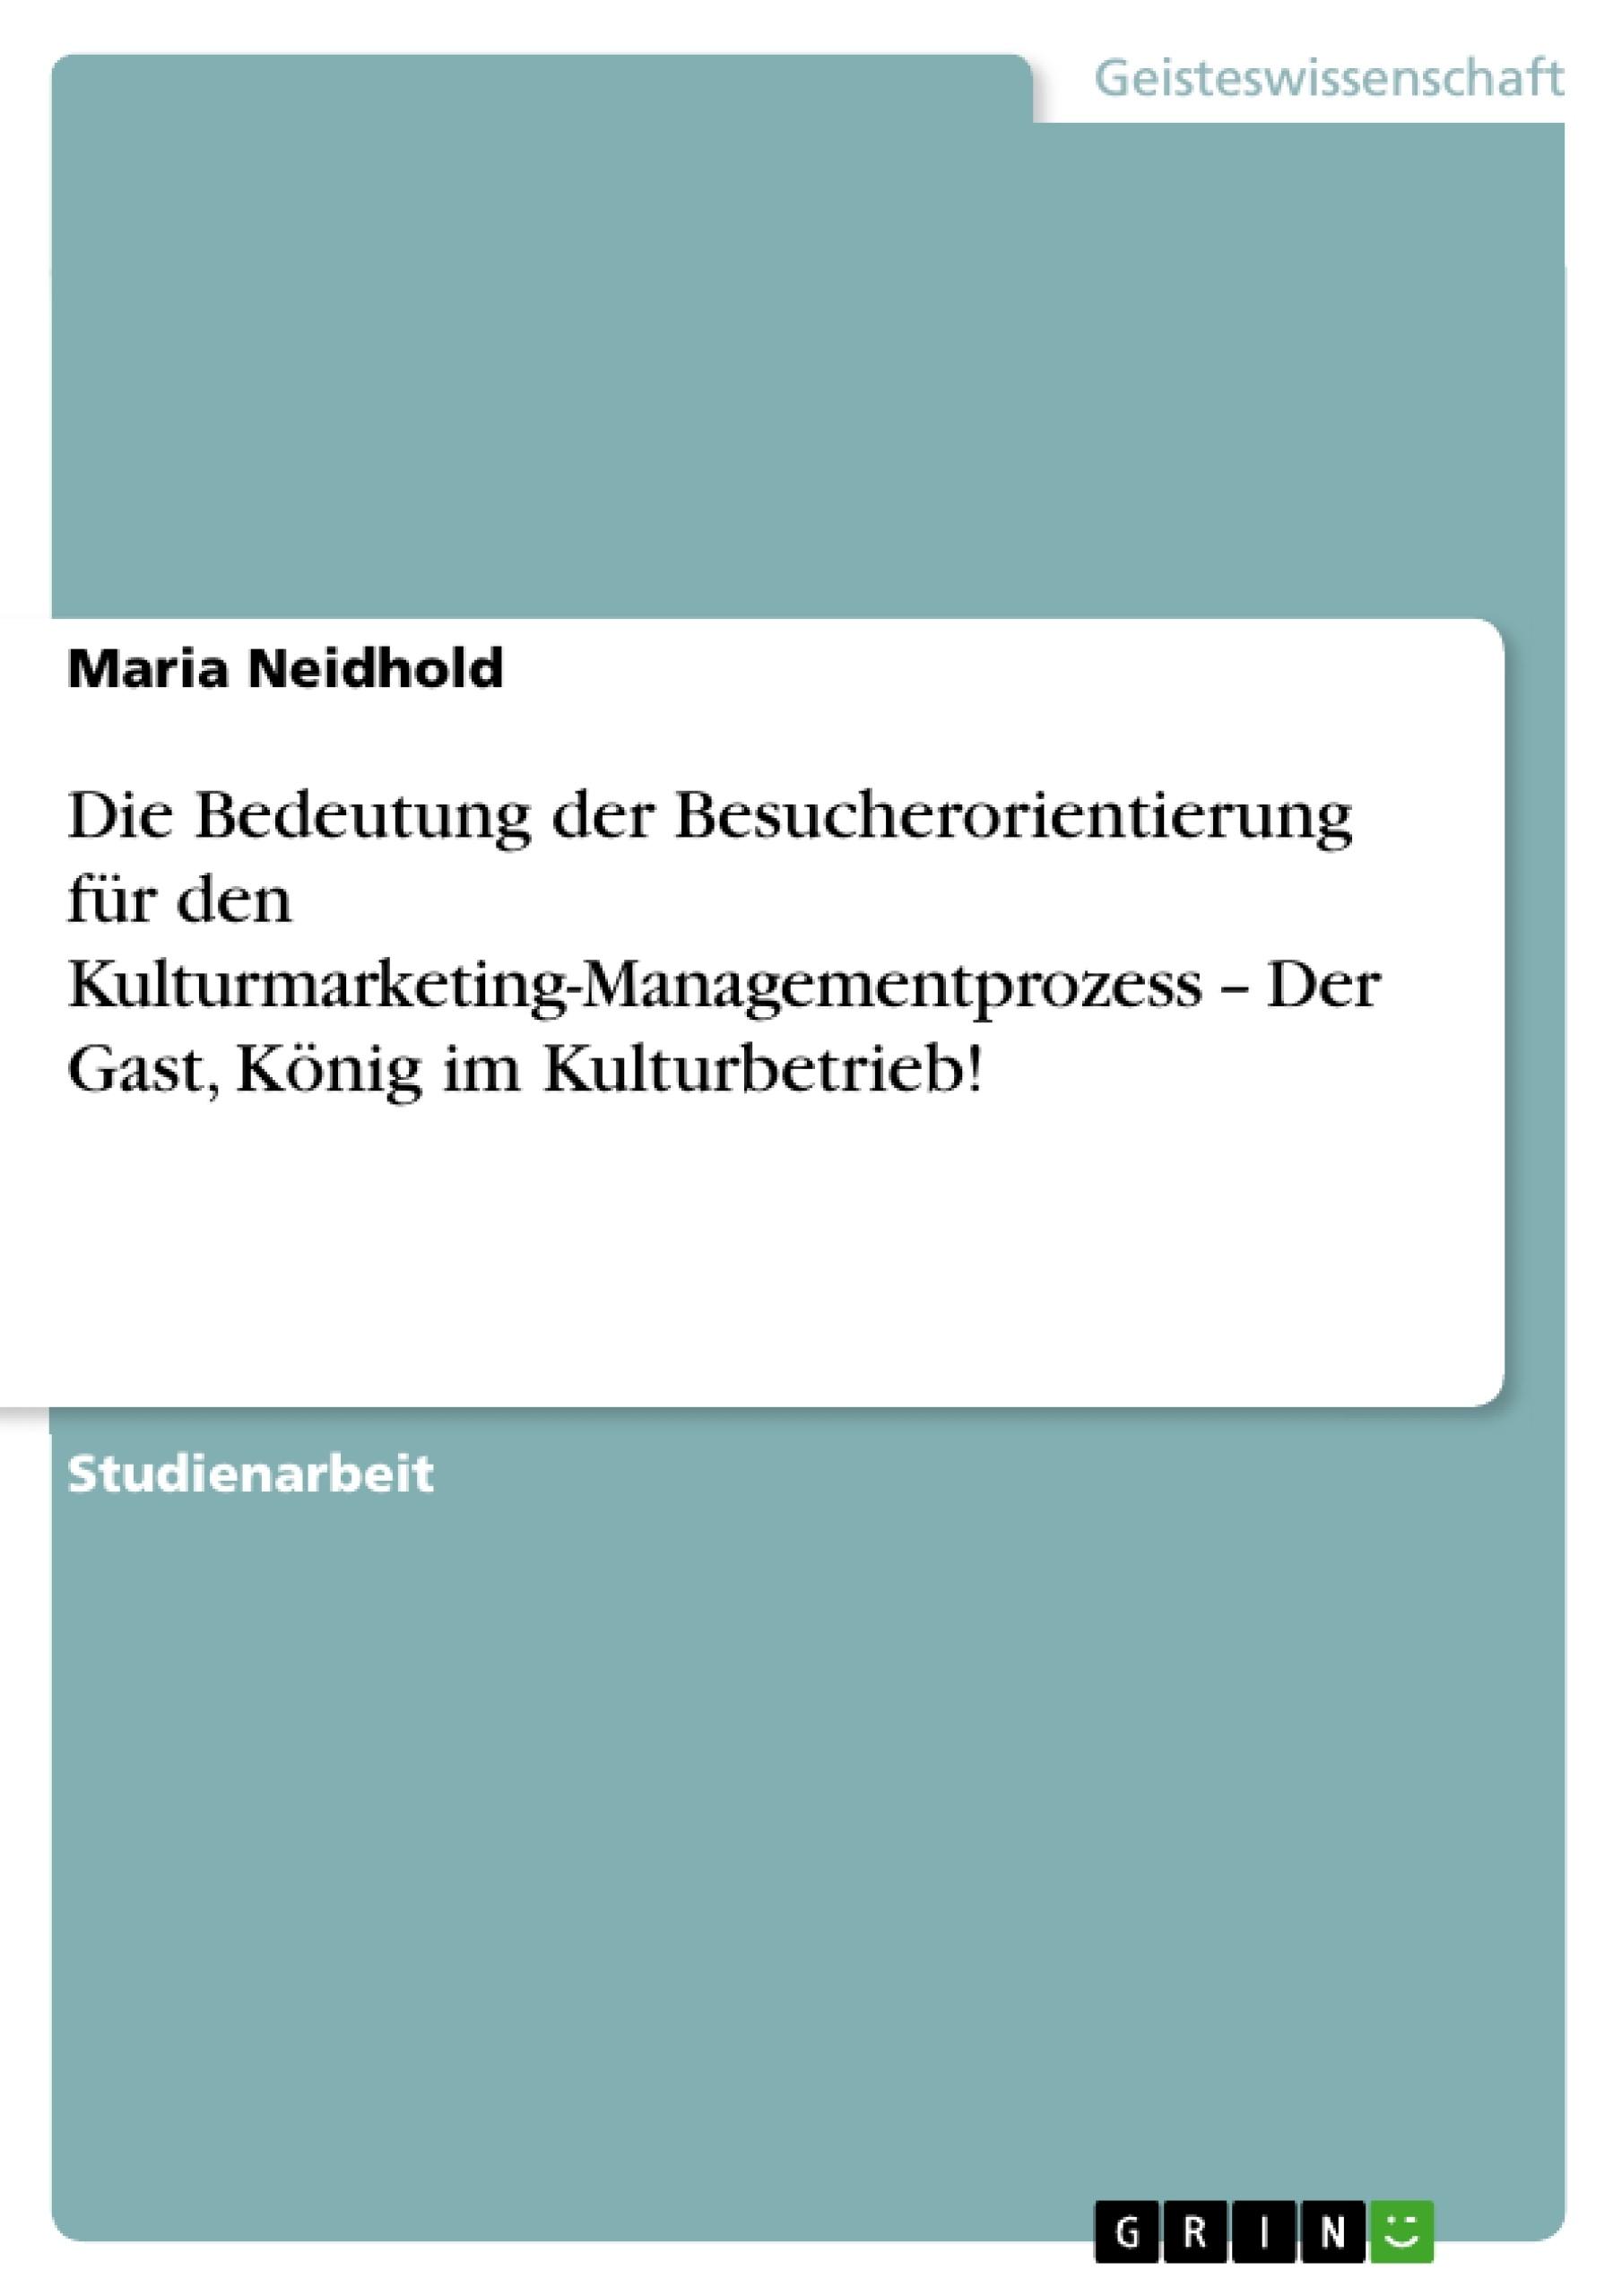 Titel: Die Bedeutung der Besucherorientierung für den Kulturmarketing-Managementprozess – Der Gast, König im Kulturbetrieb!